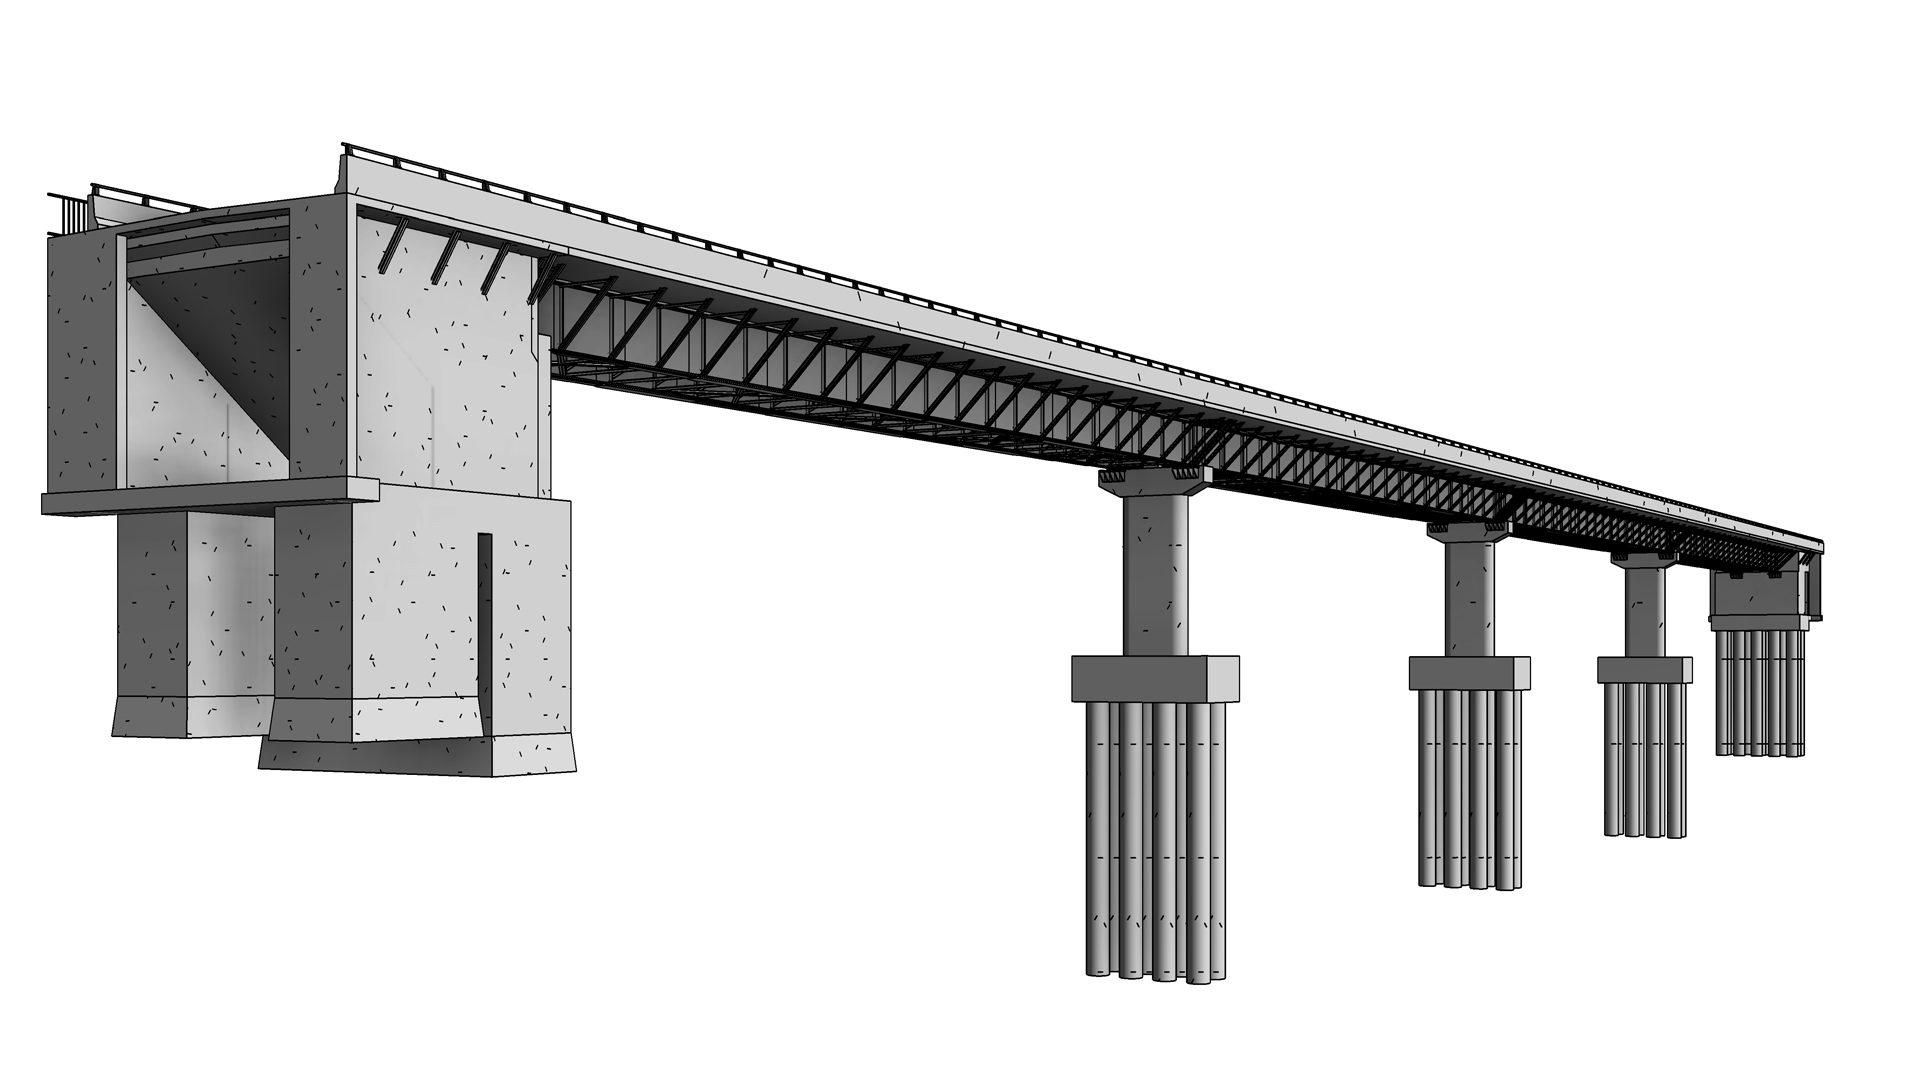 Puente Tinguiririca A02-F1